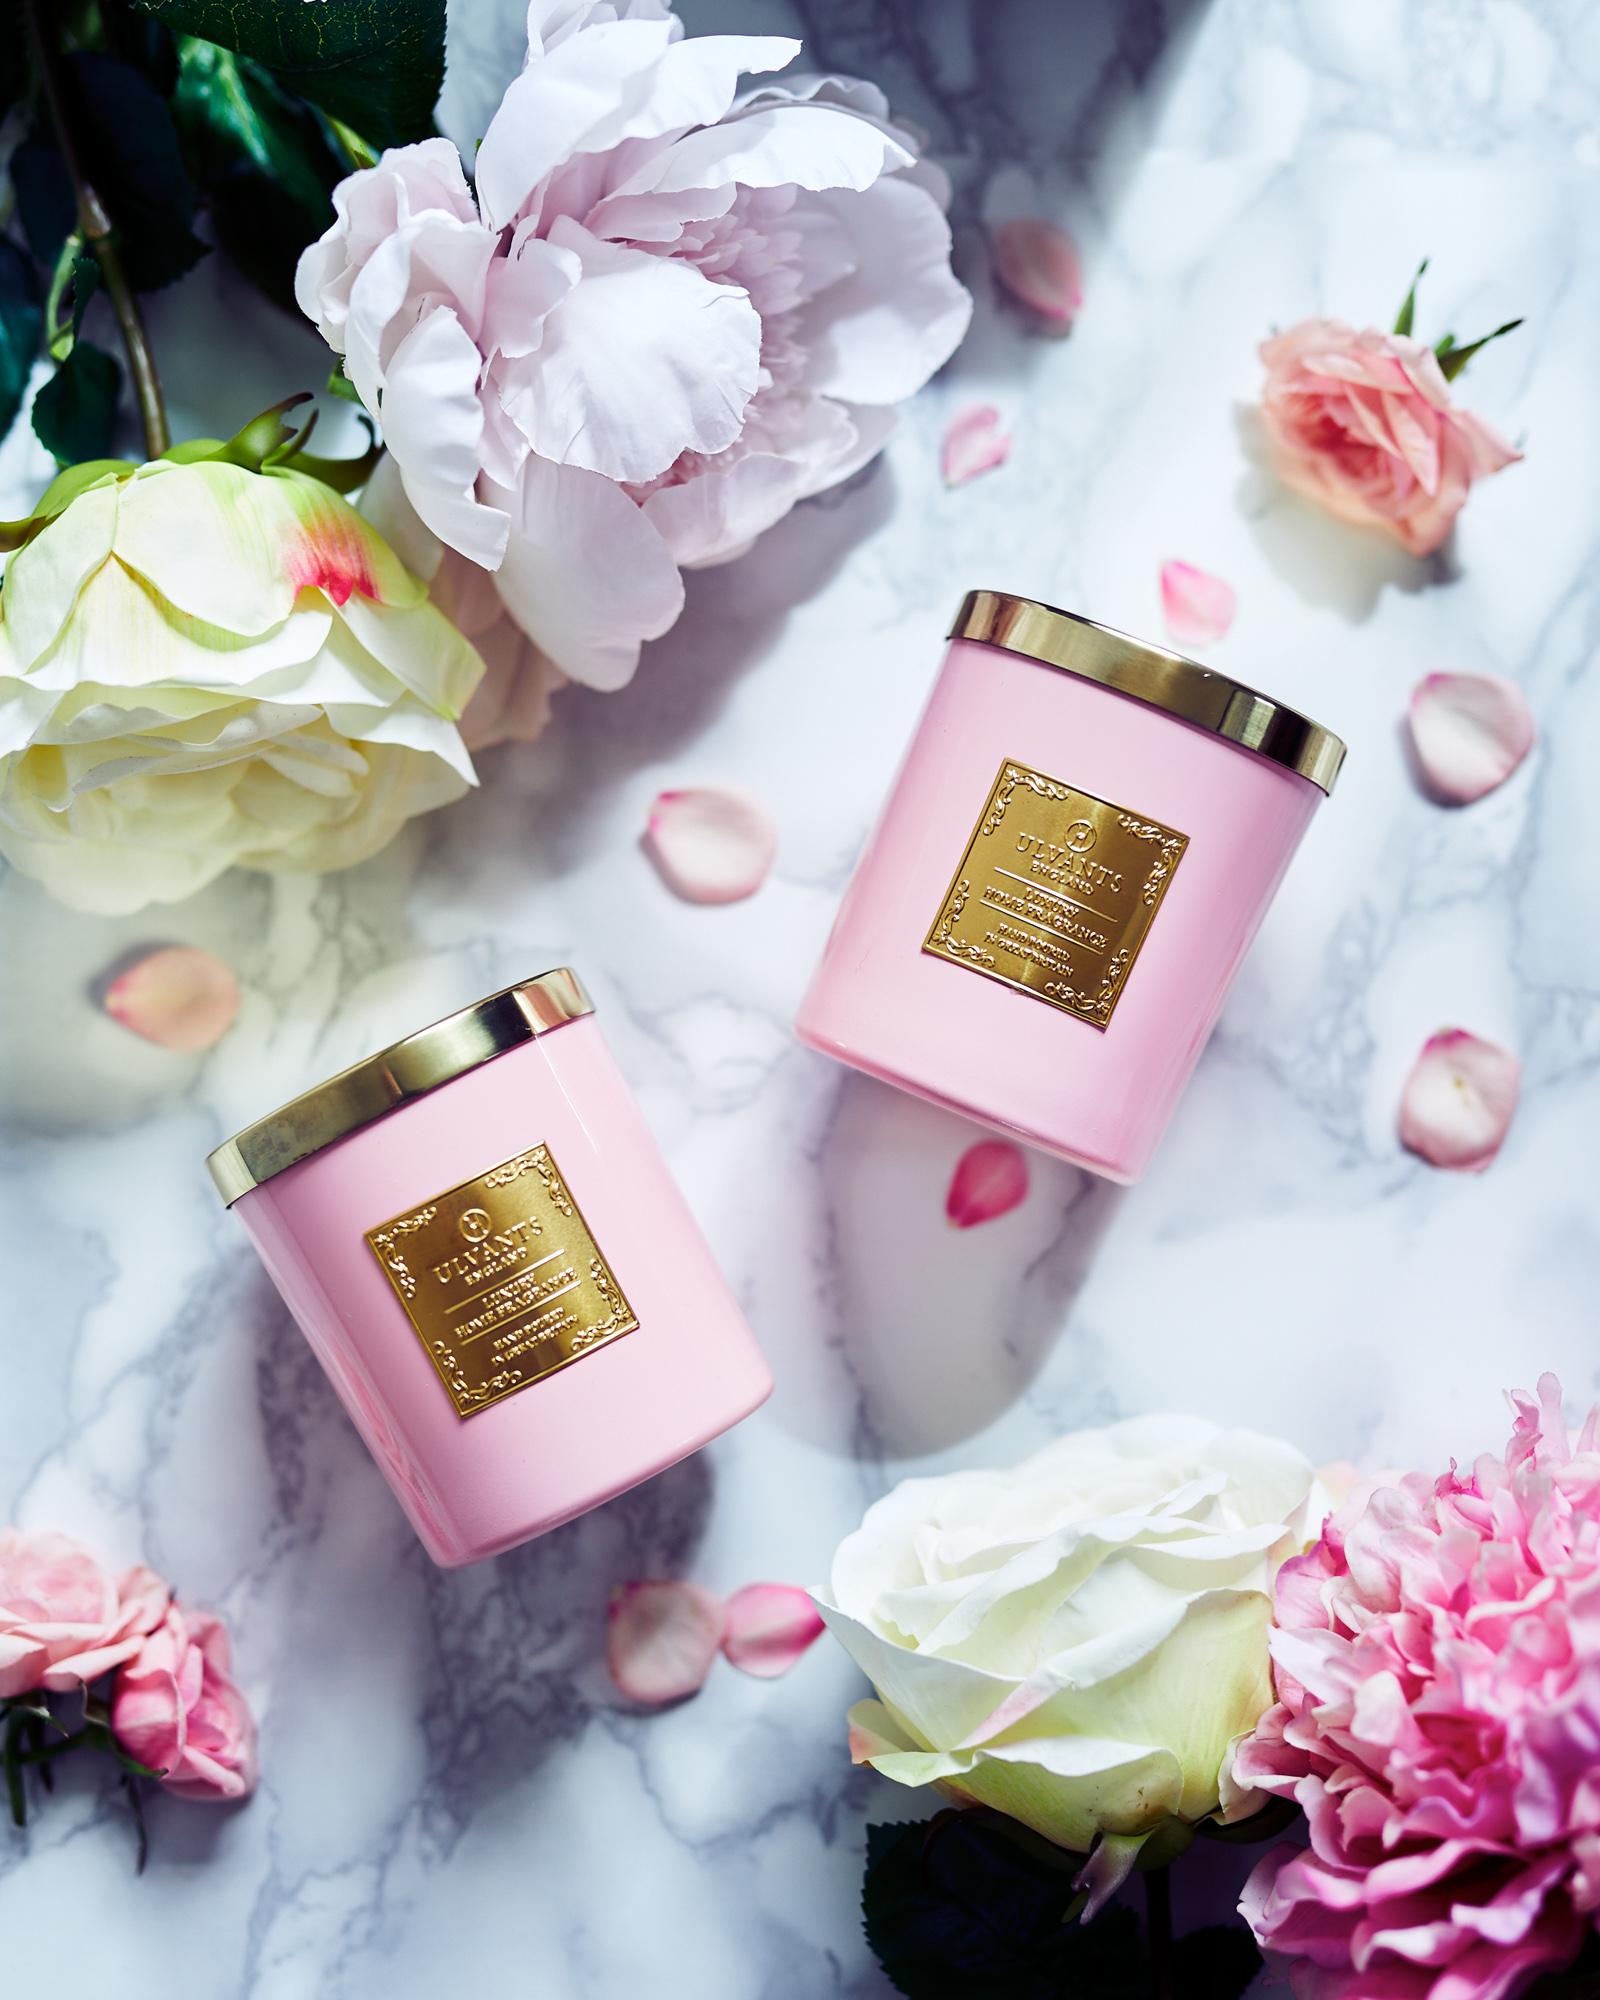 luxury home fragrances